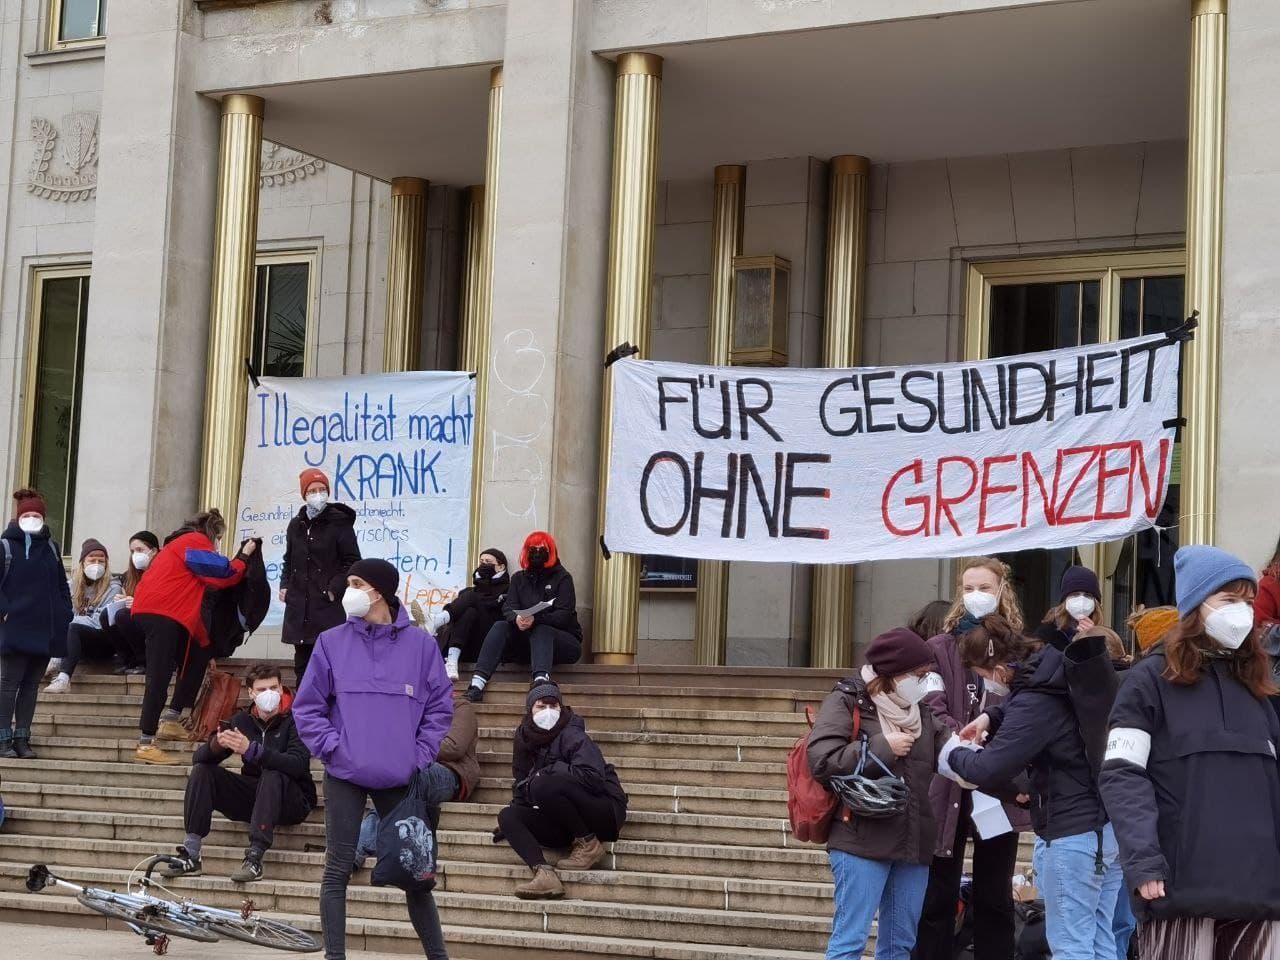 Feminismus-Demo an der Oper. Foto: Tilly Domian